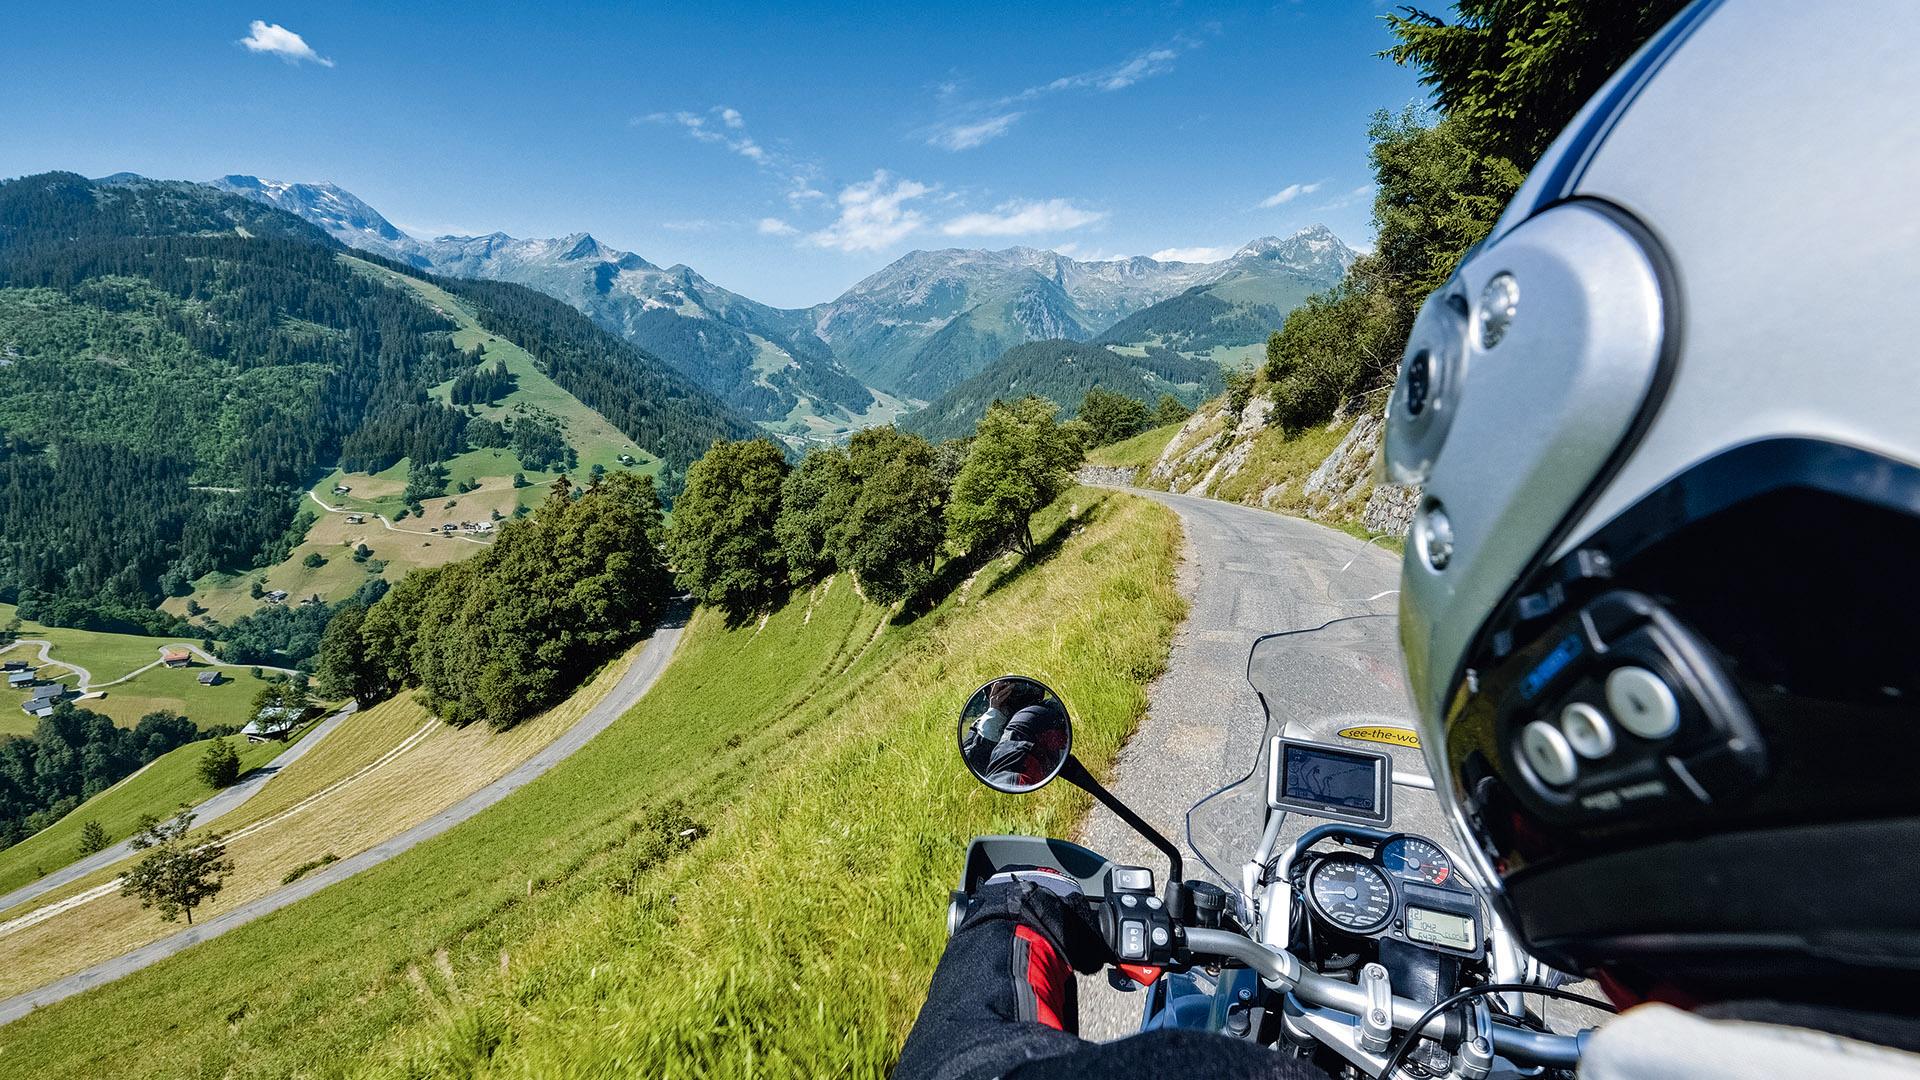 Am Fuß des Weißen Berges - Tour-Nord